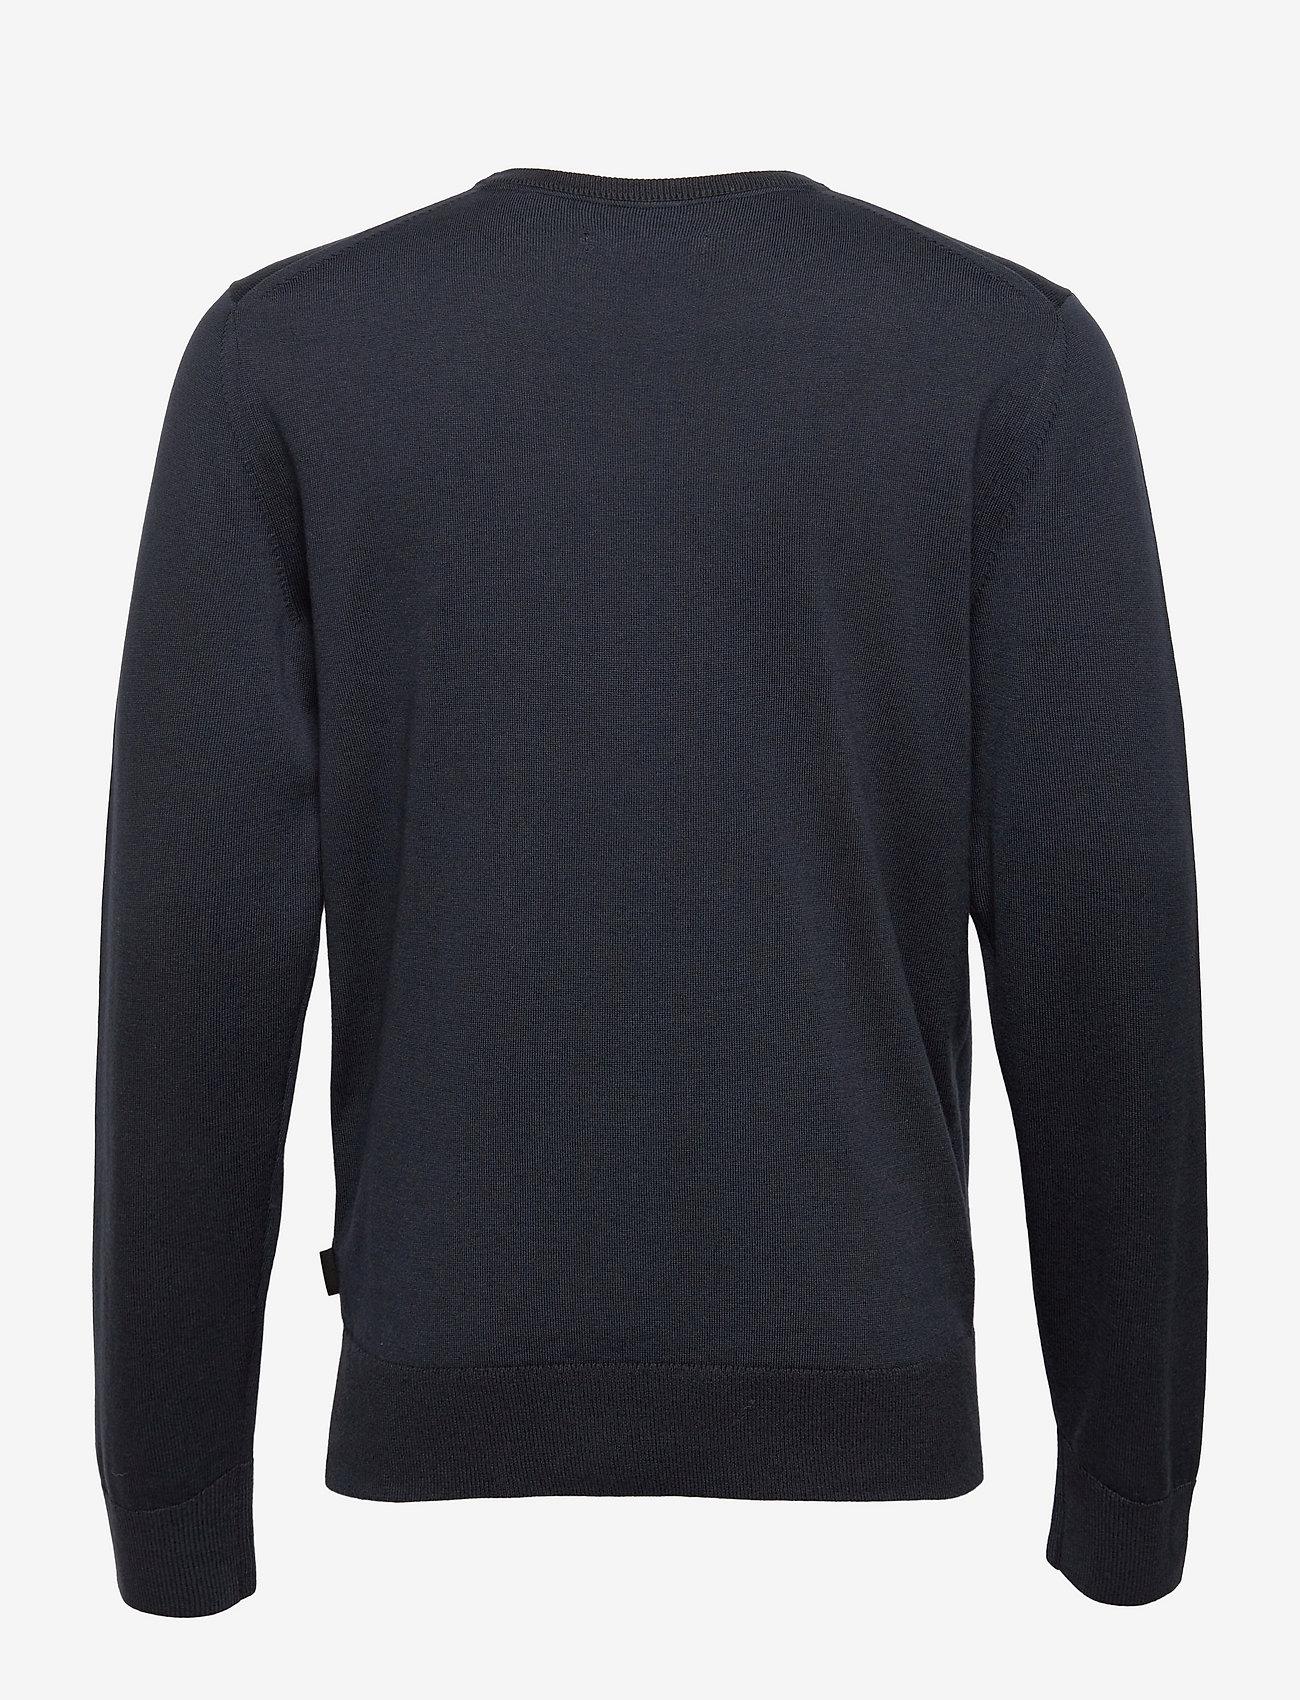 Calvin Klein - COTTON SILK C-NECK SWEATER - basic gebreide truien - calvin navy - 1